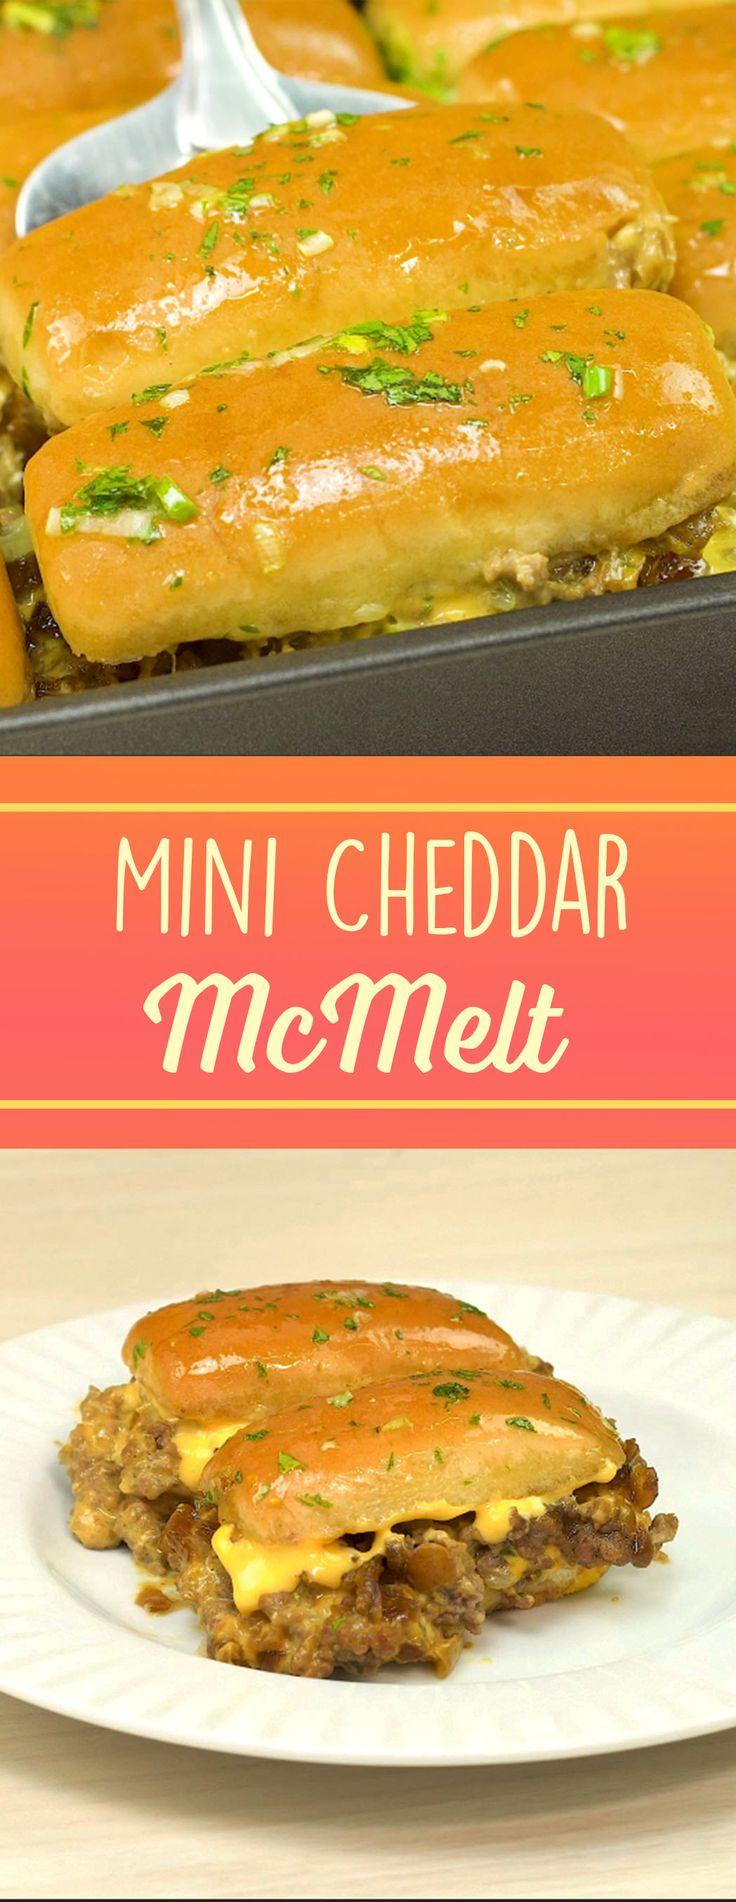 Sanduíche Cheddar McMelt feito em casa, mas gosto de lanchonete, com muita cebola caramelizada, cheddar e pão com carne